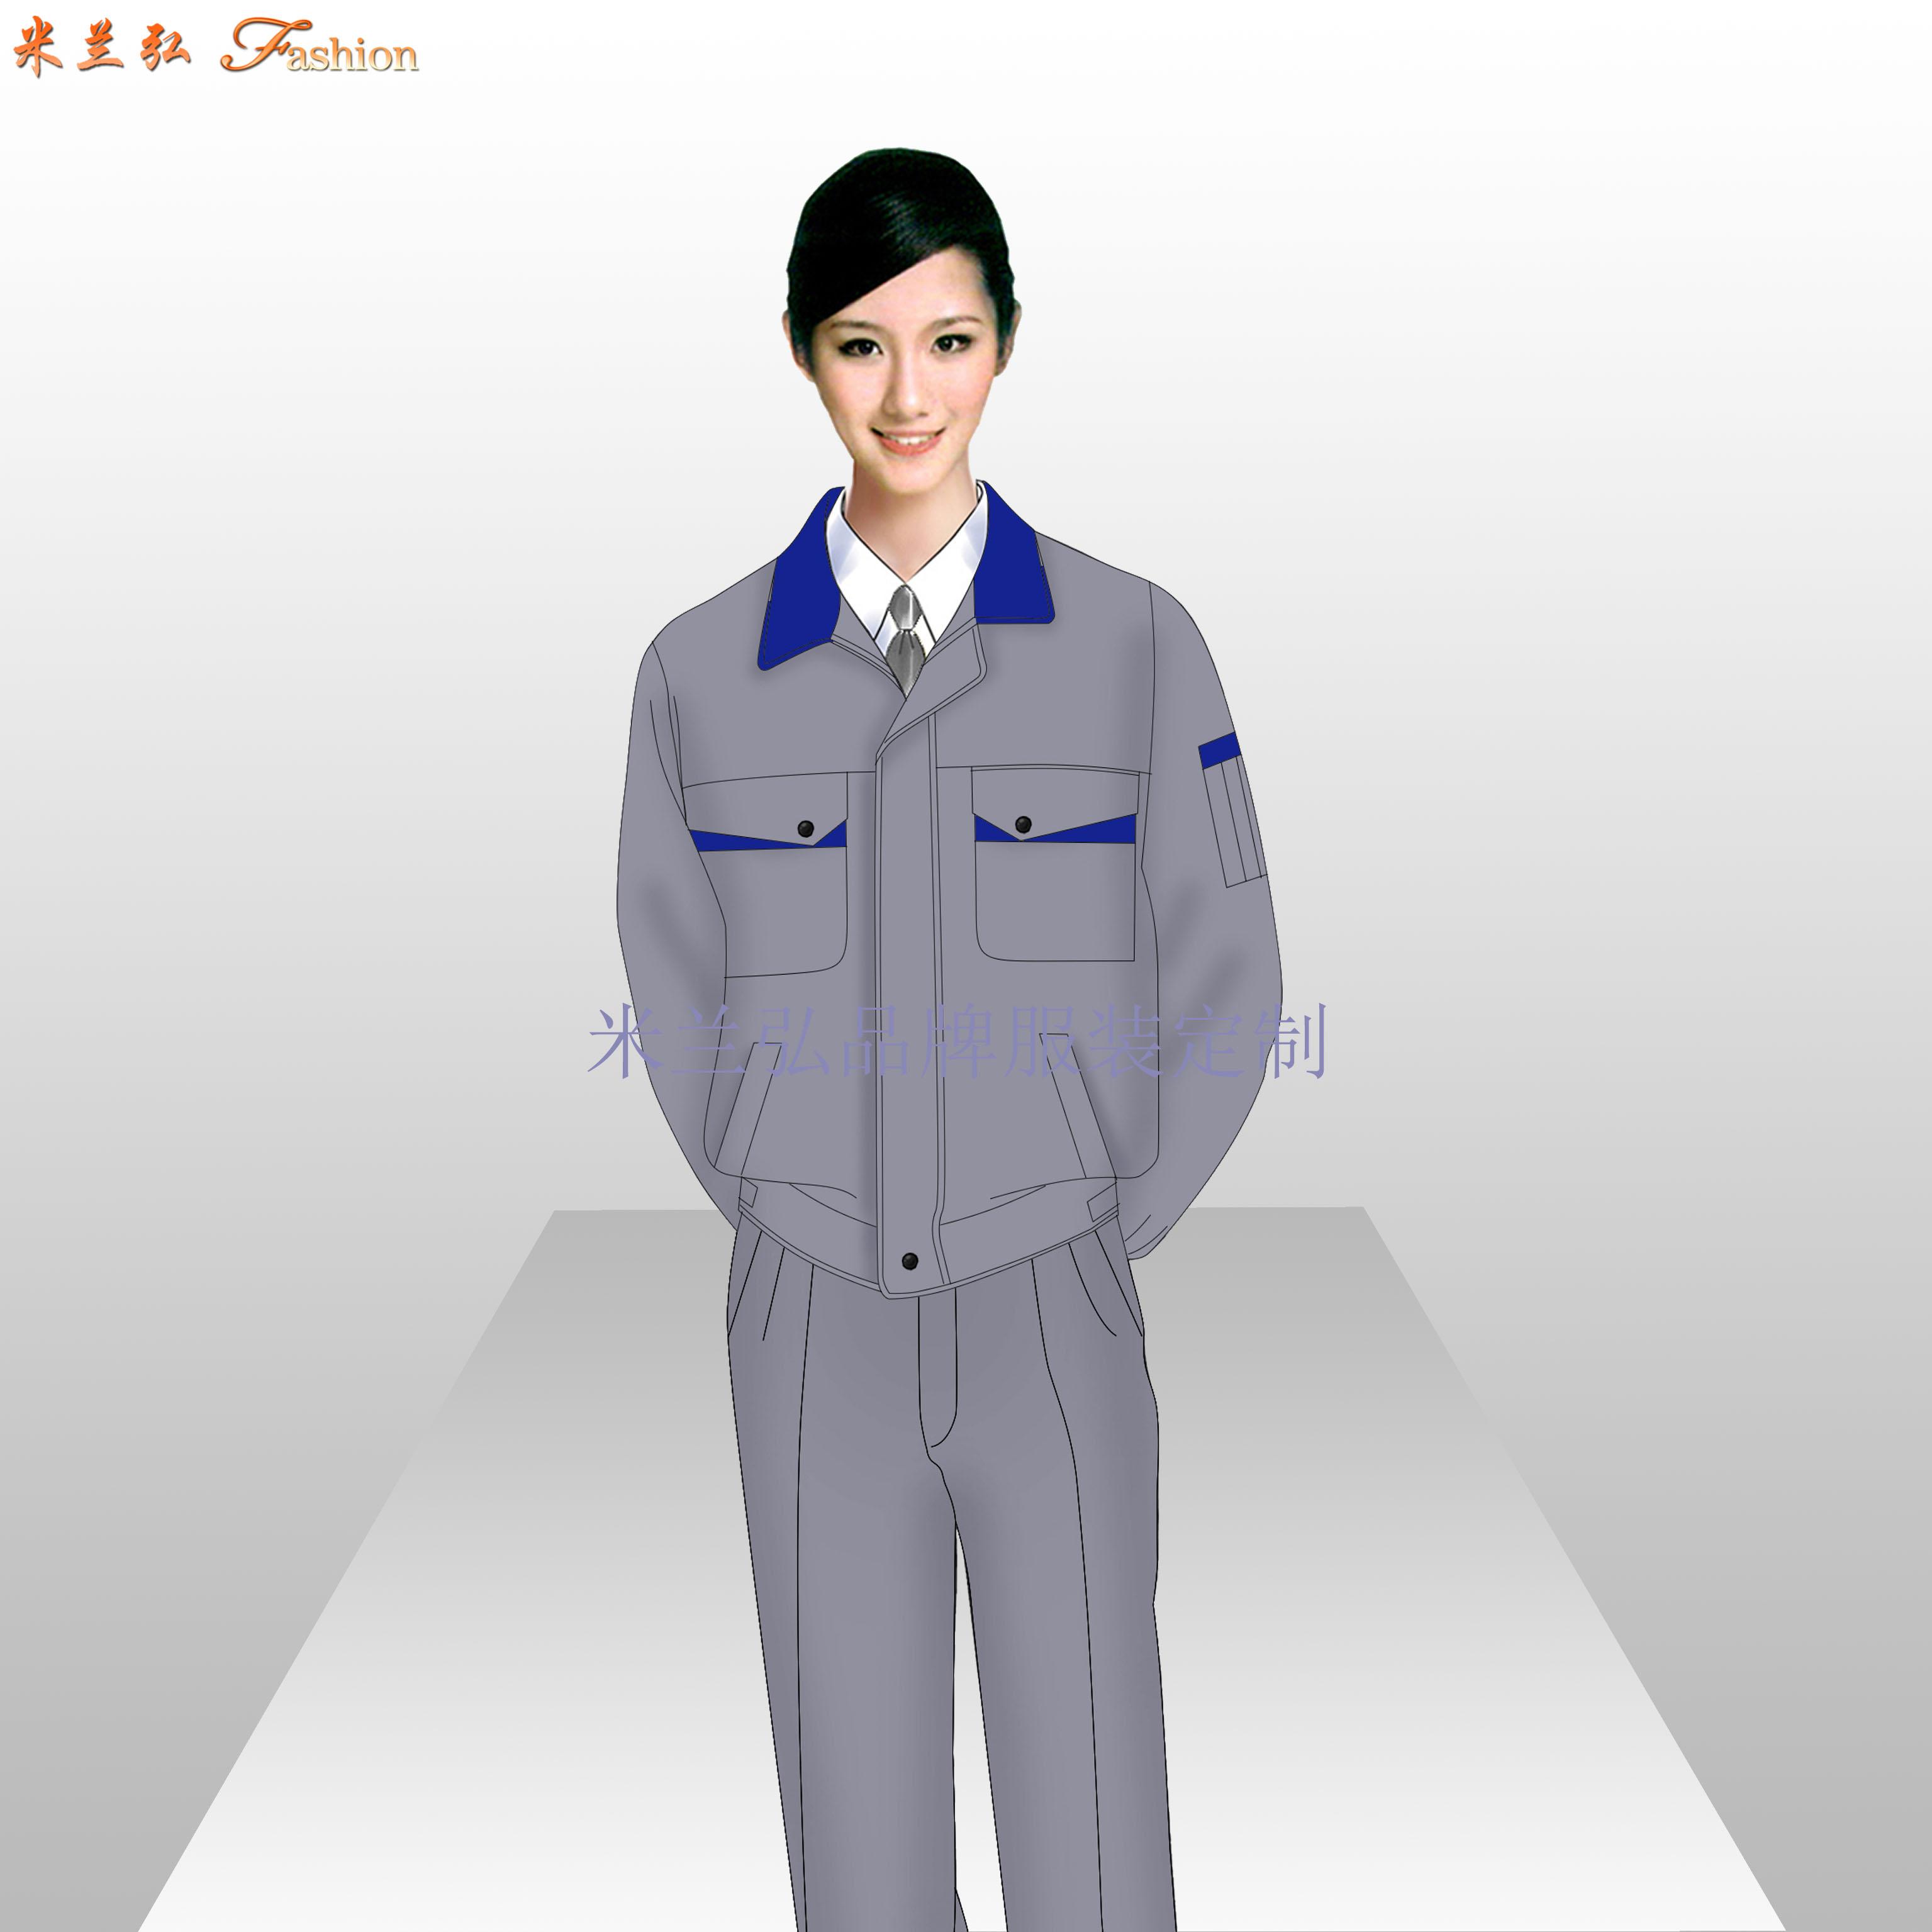 工作服定制源頭廠家_批發定制工作服-米蘭弘服裝-3